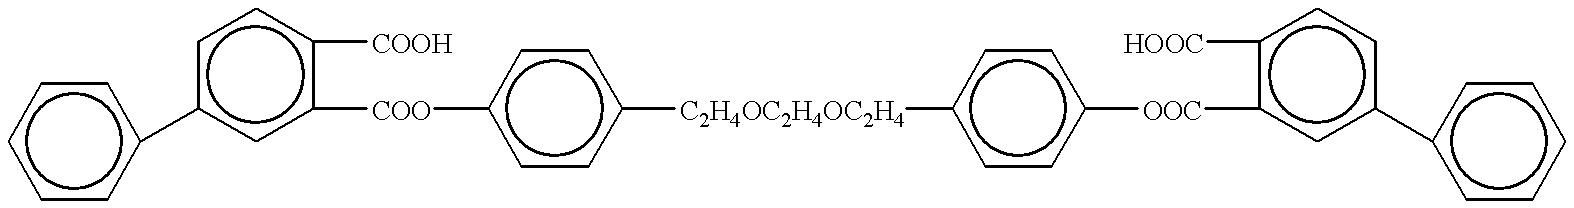 Figure US06180560-20010130-C00222